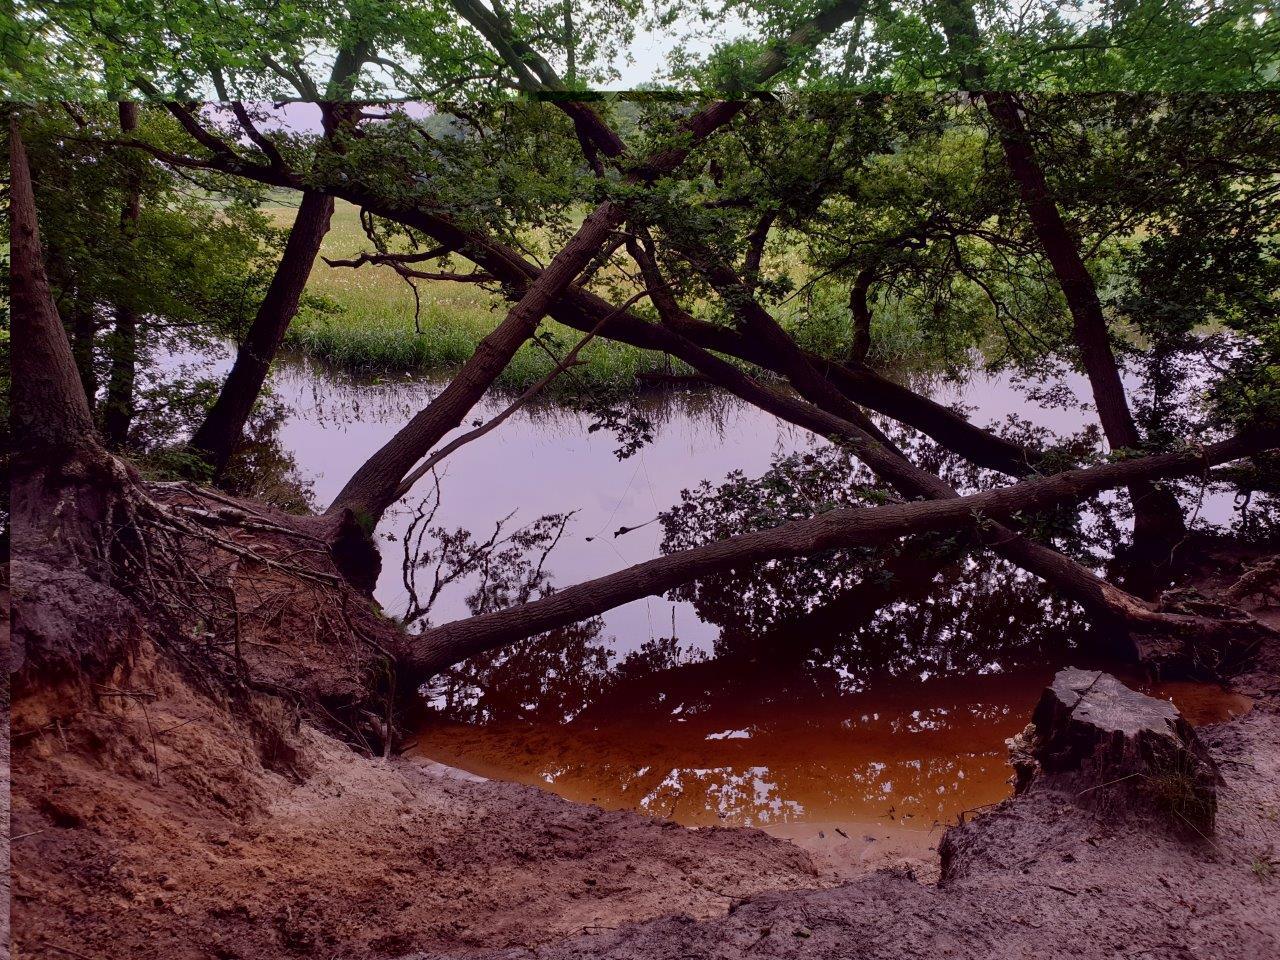 Omgevallen bomen in de bocht